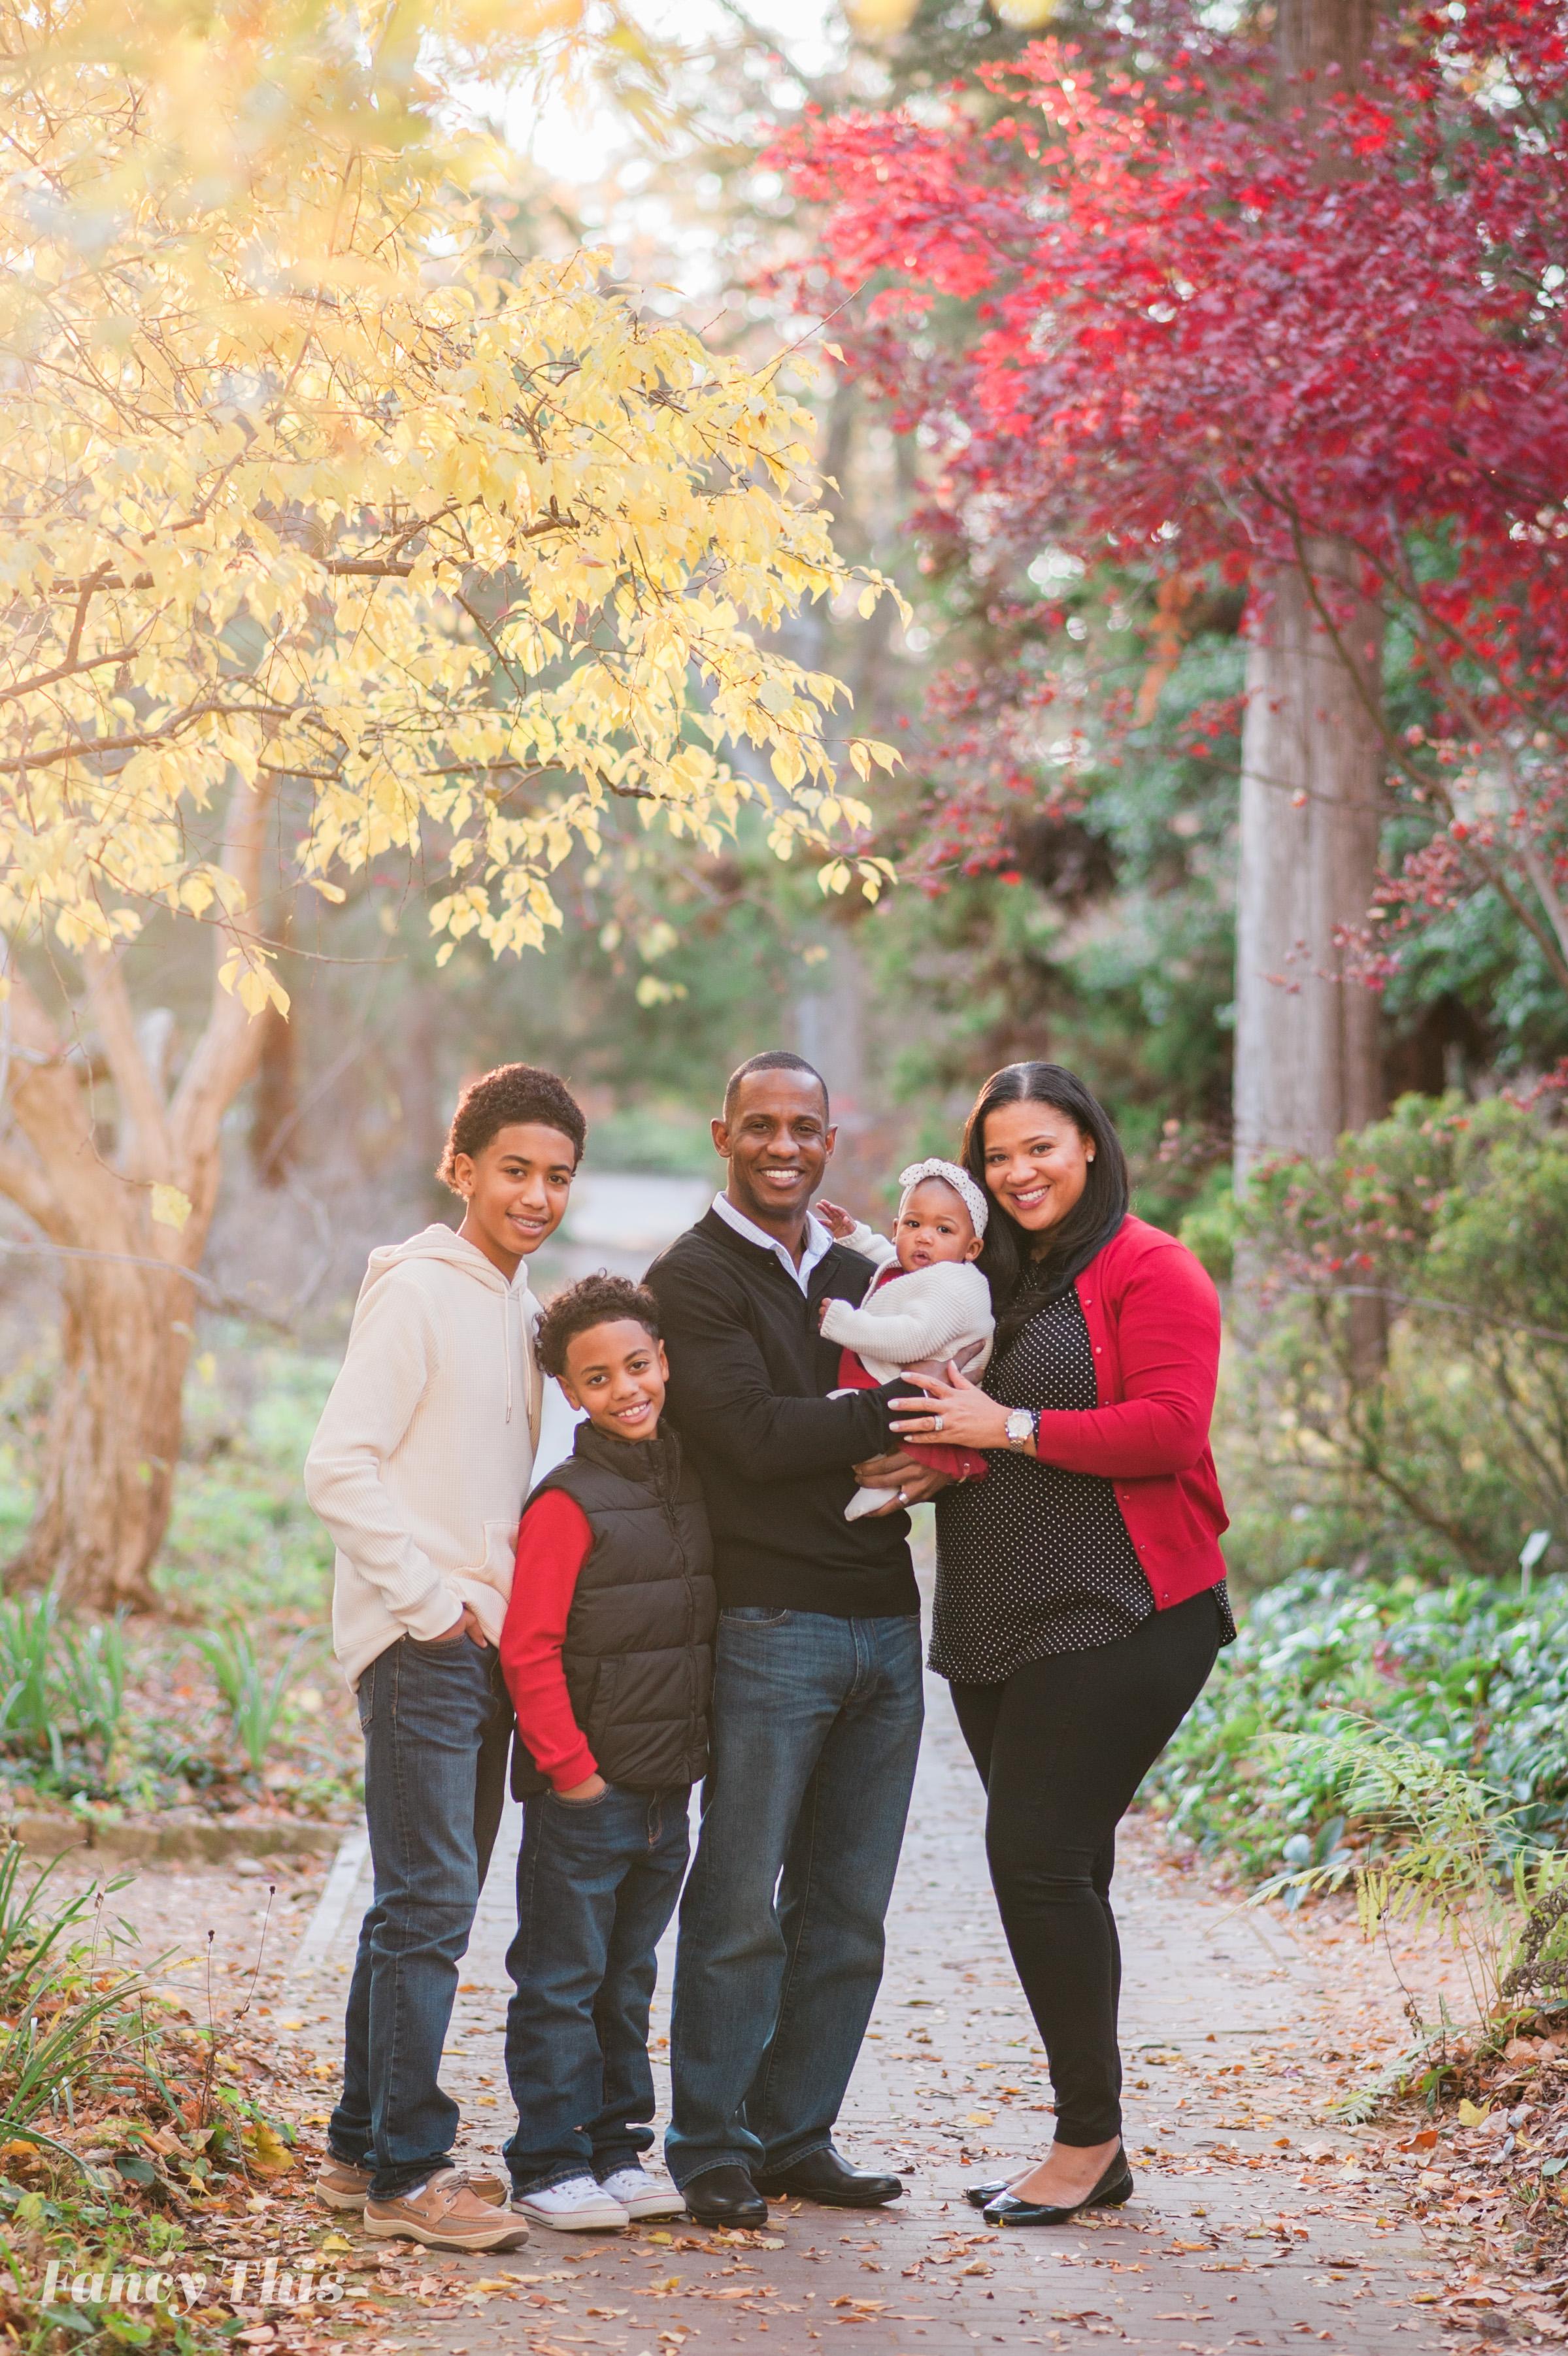 brownfamily_socialmediaready-3.jpg